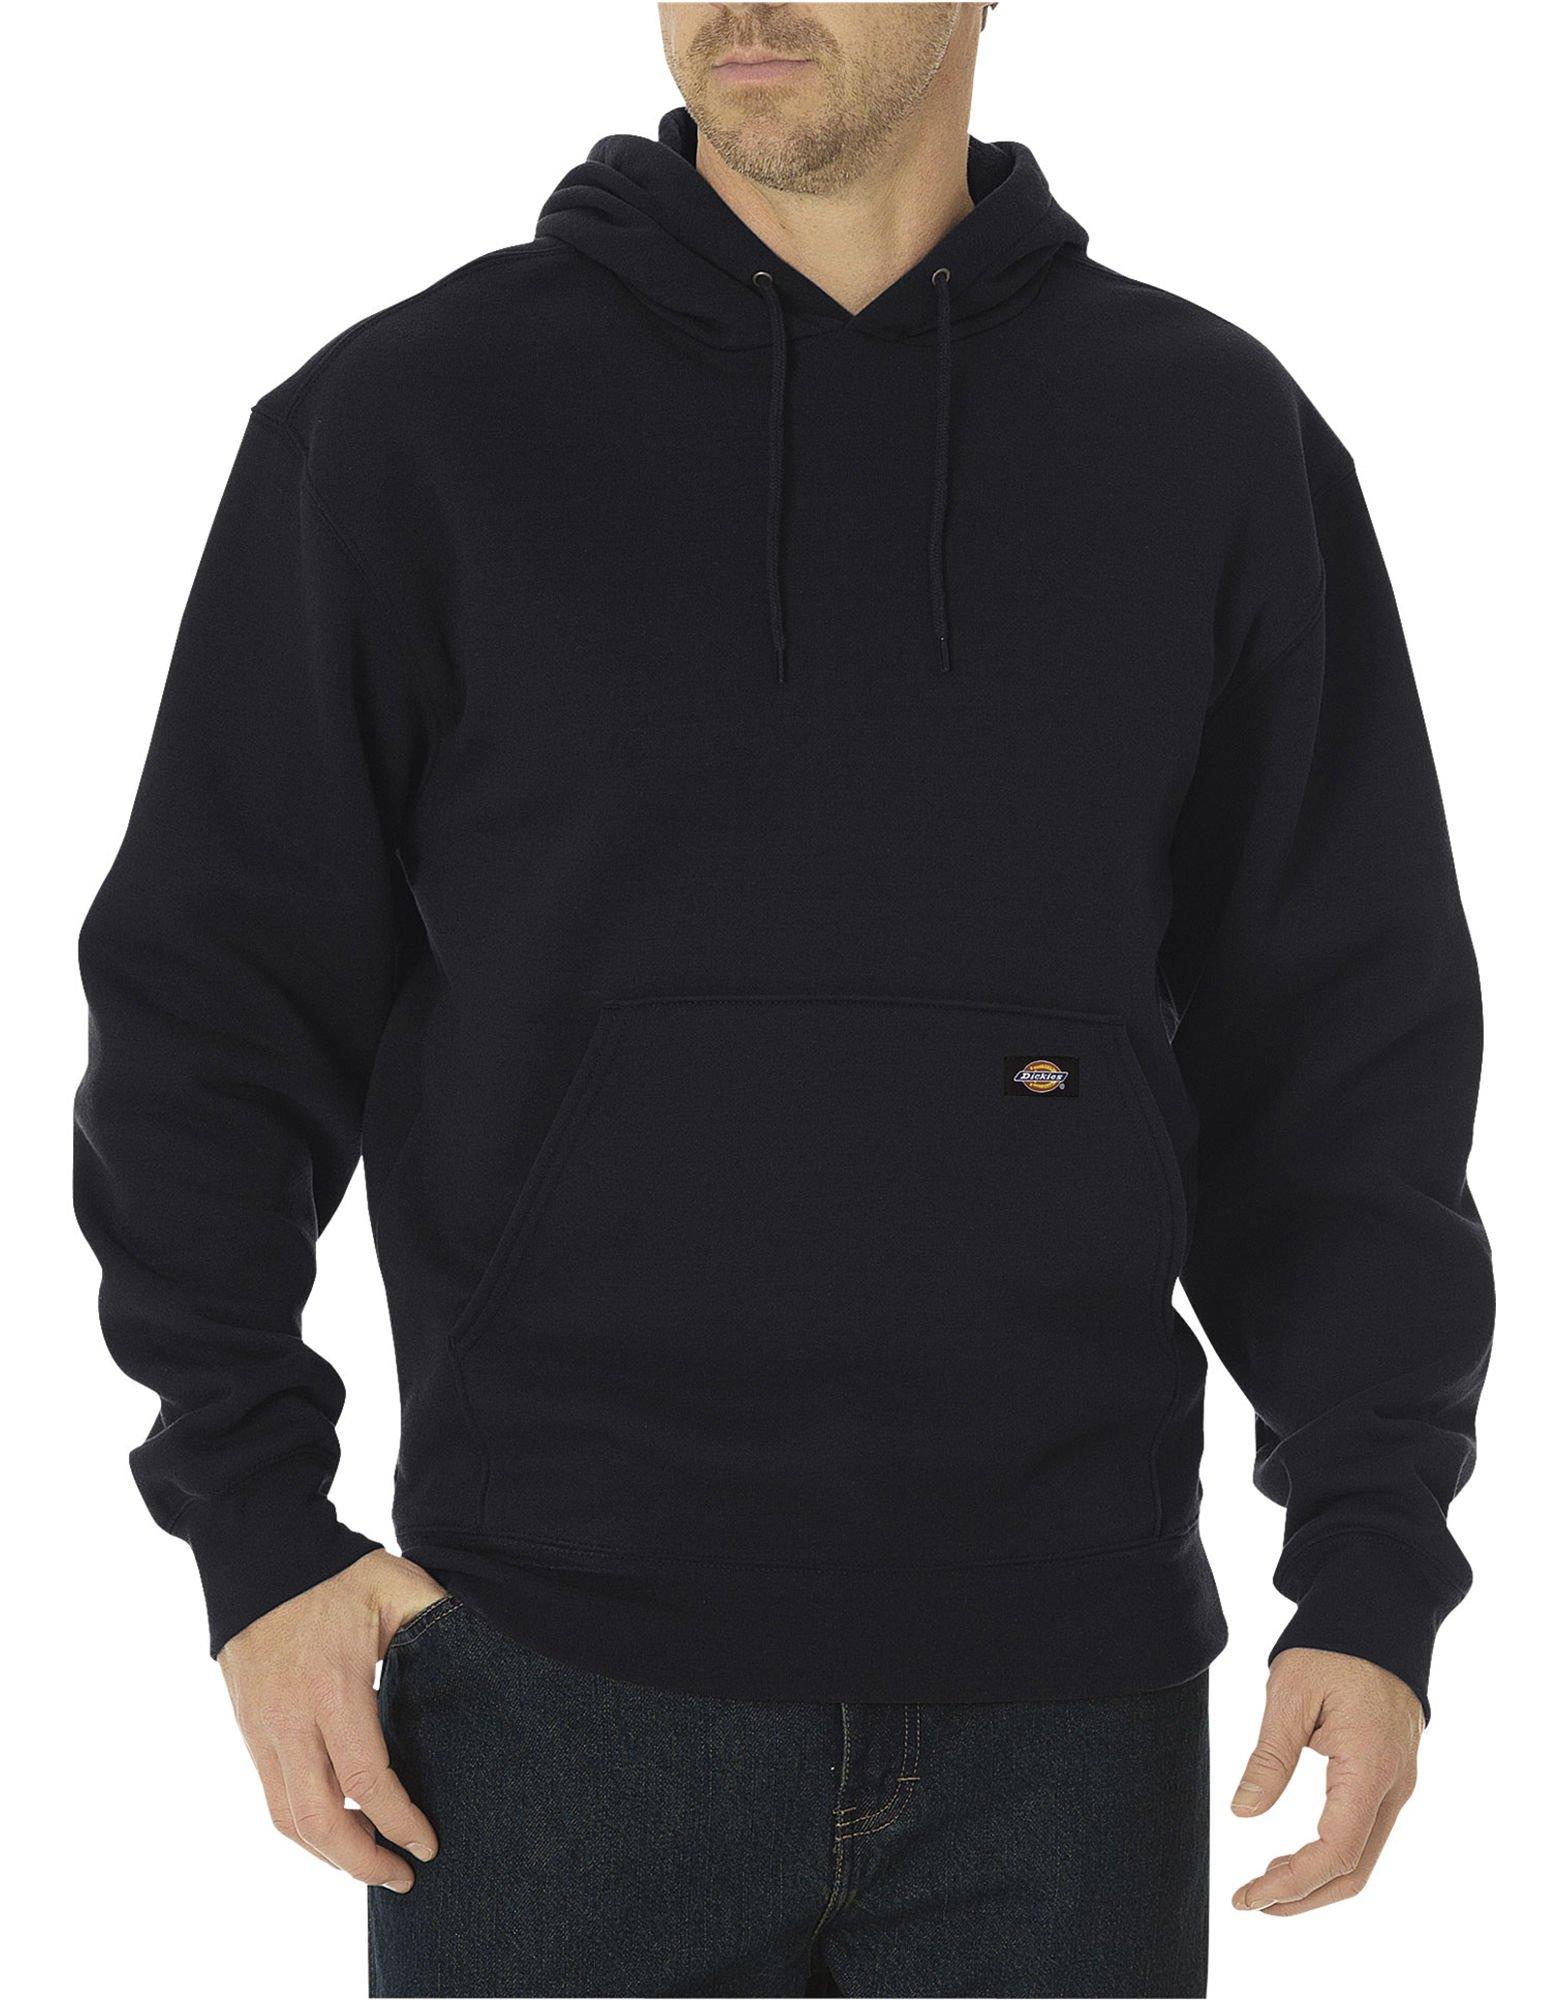 New Dickies Men/'s Fleece Pullover Flannel Lined Hoodie Black XL Hoodies